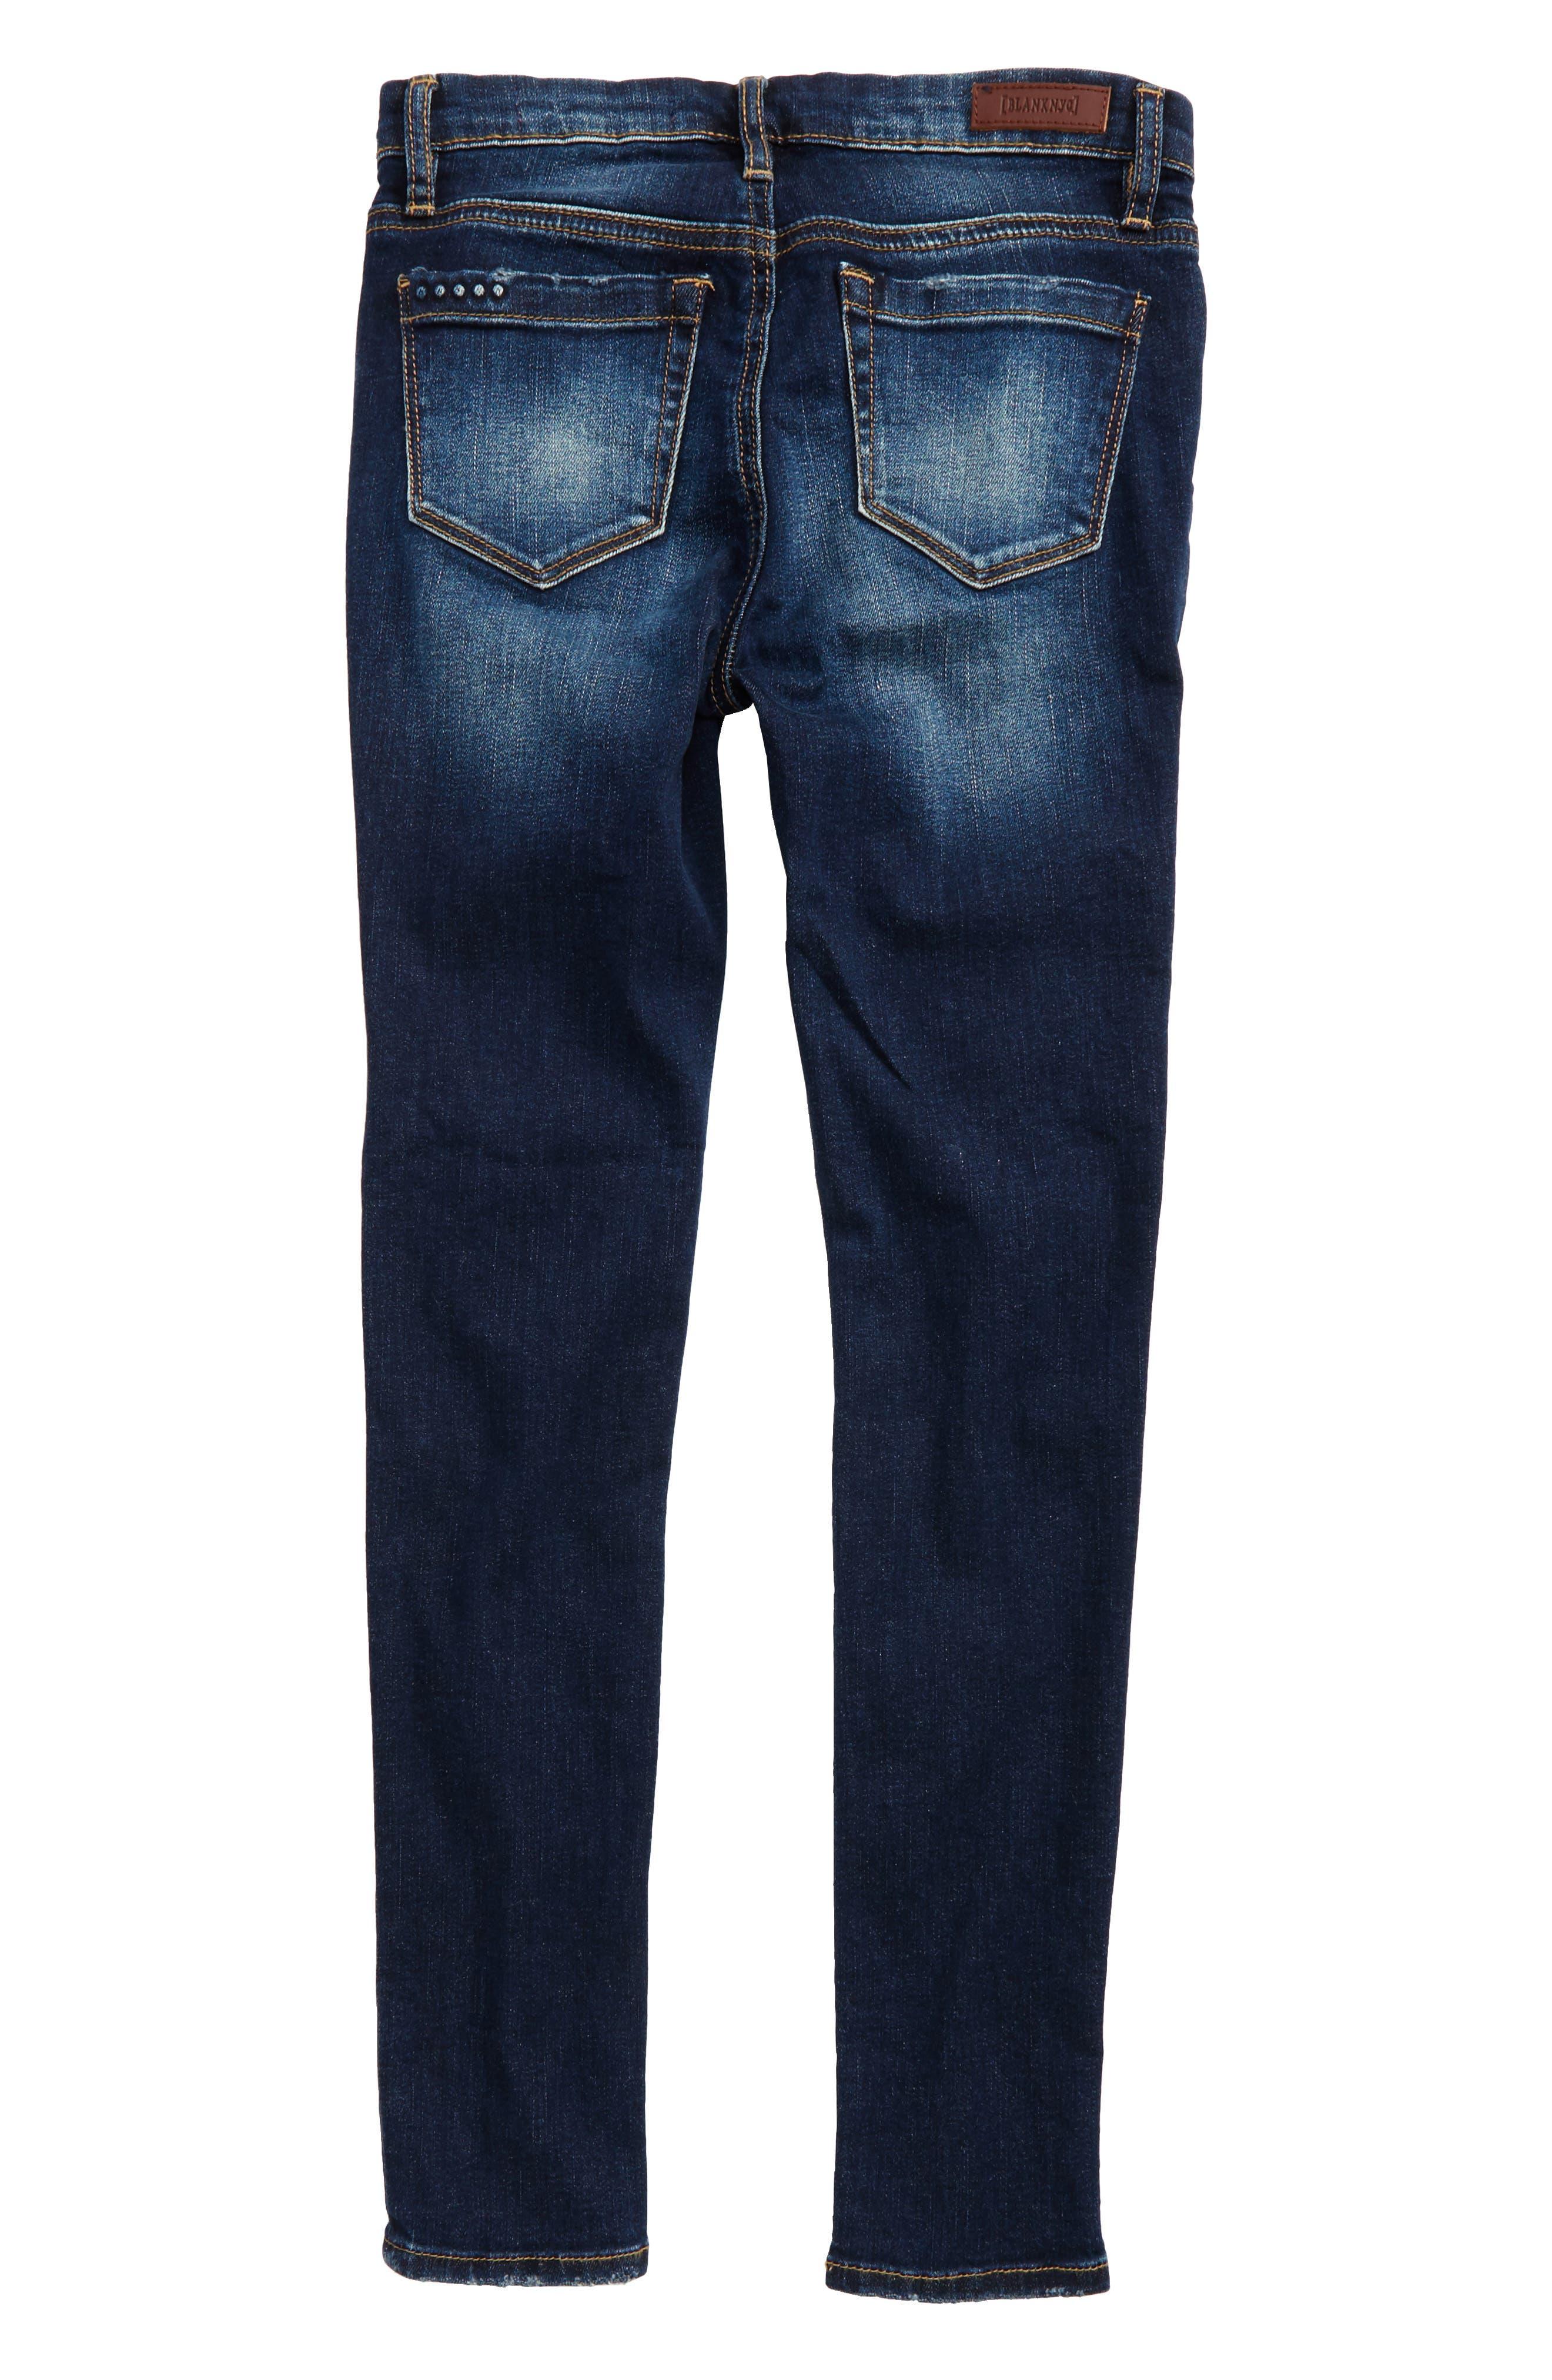 Rip & Repair Skinny Jeans,                             Alternate thumbnail 2, color,                             400